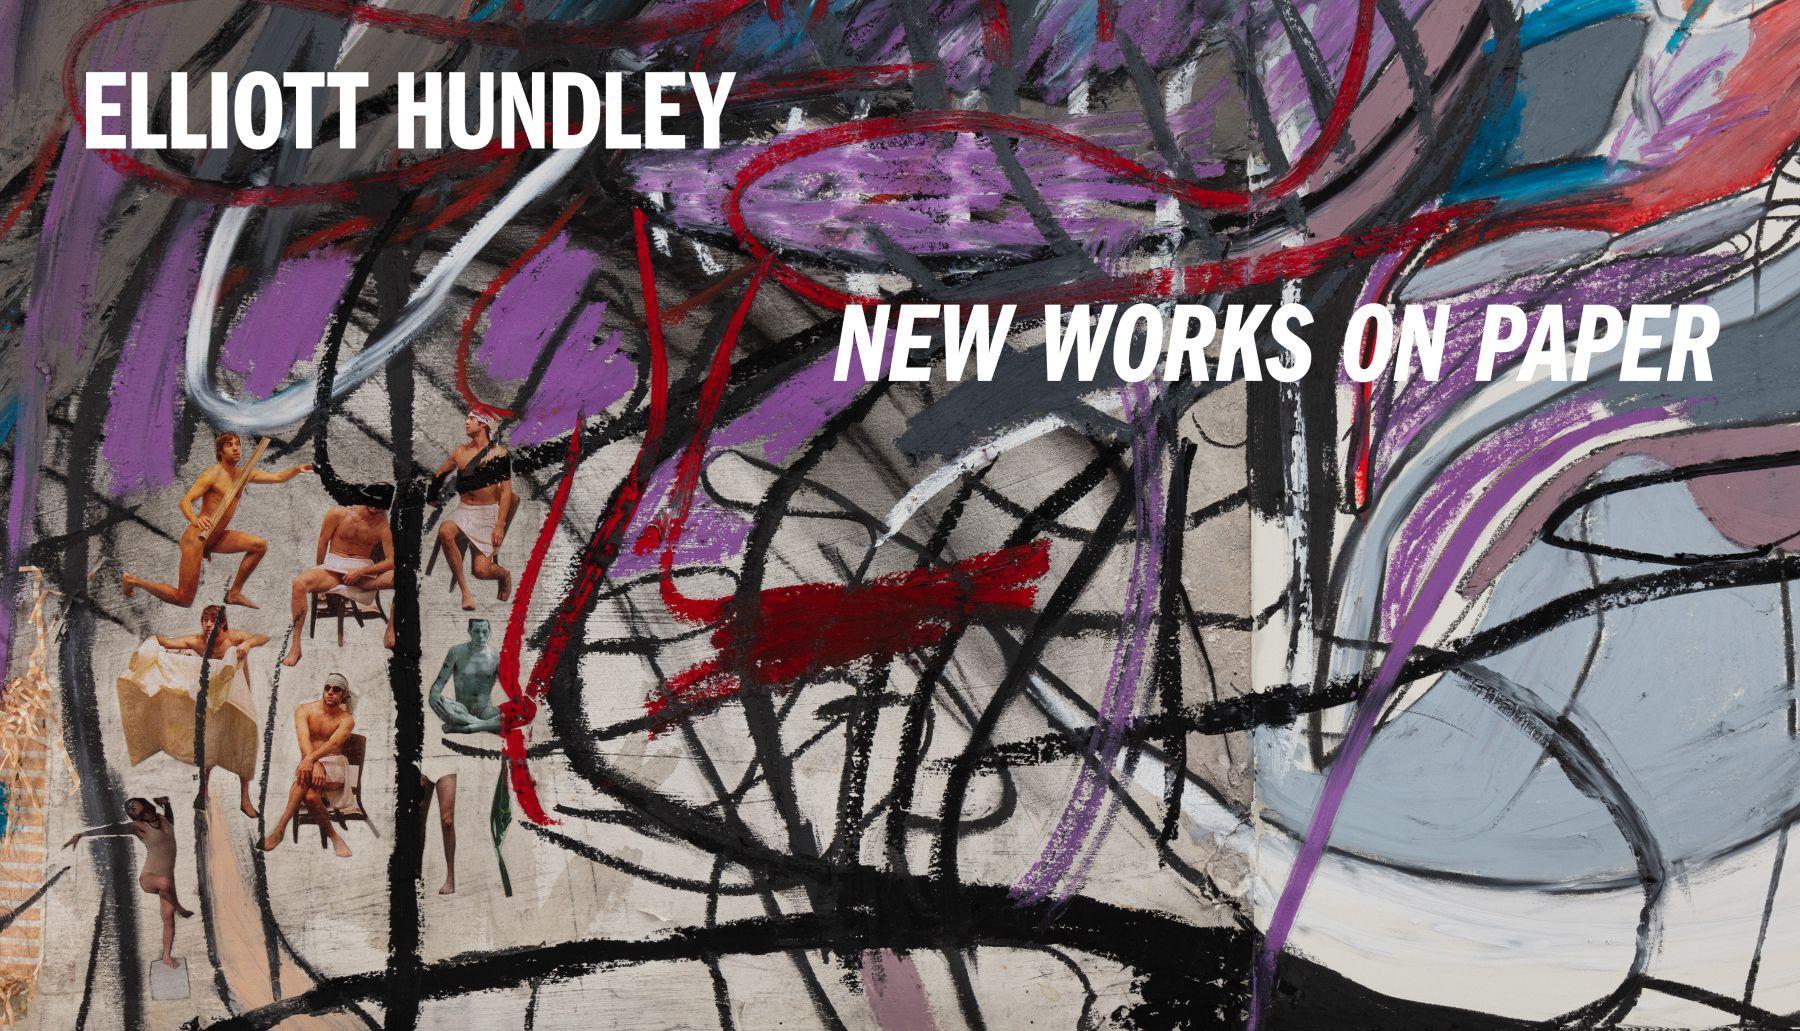 Elliott Hundley